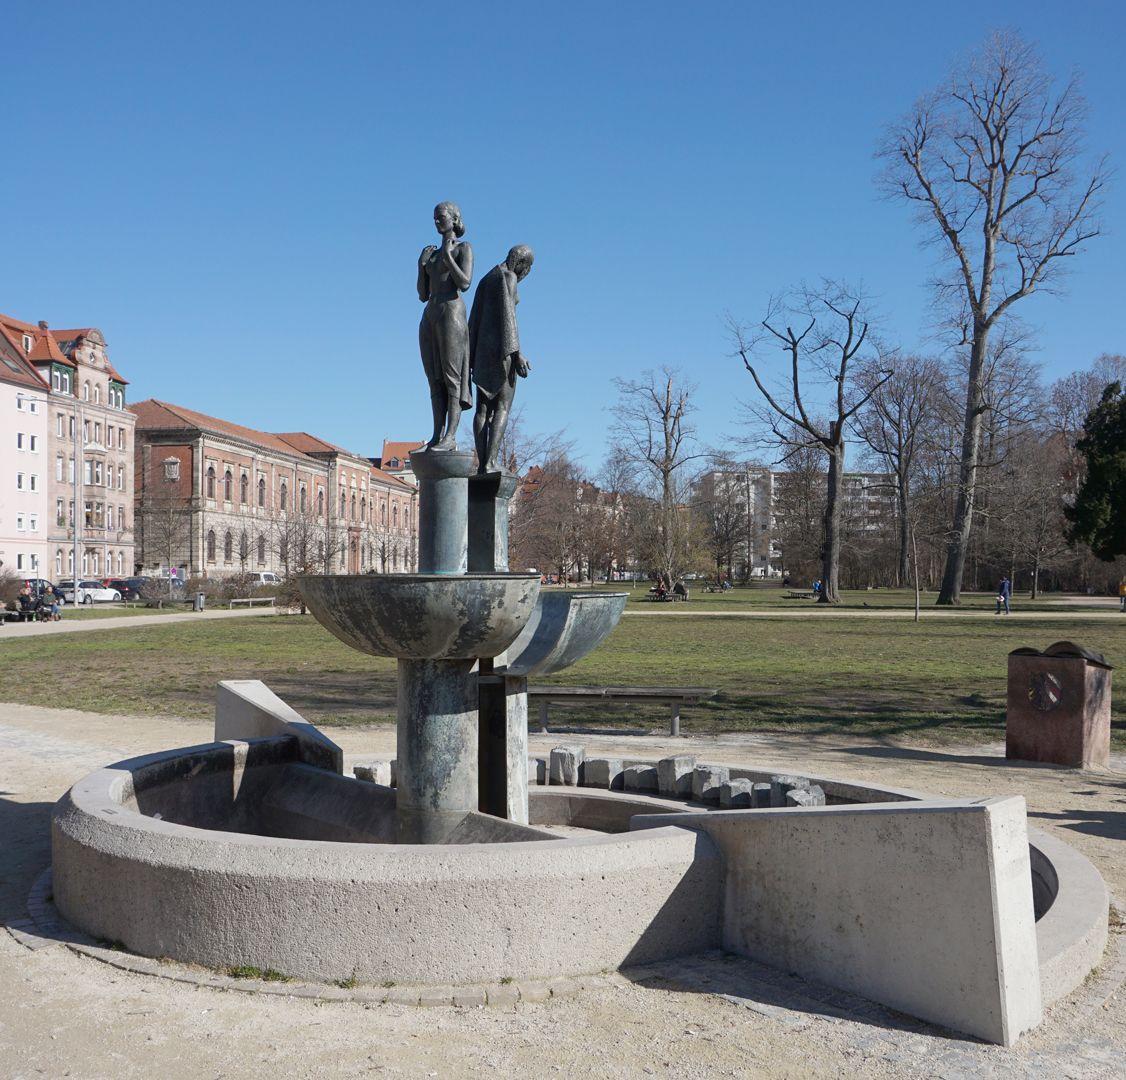 Norisbrunnen Zweigeteilte Brunnenanlage. Obere Brunnenschale mit aufrecht stehender Frauengestalt. Untere offene Brunnenschale mit gebeugter entblößter Frauengestalt.